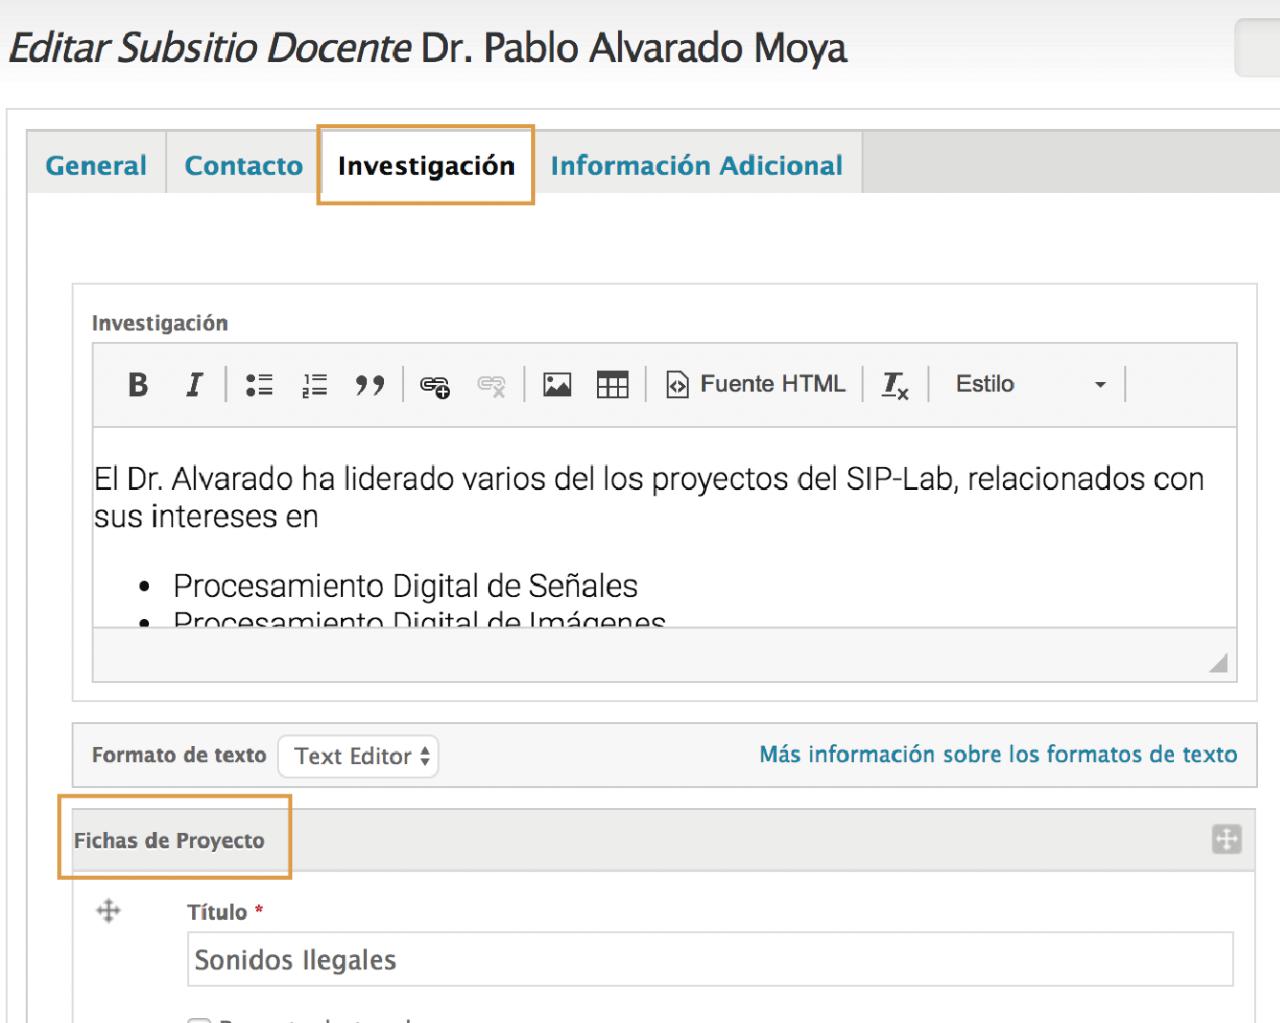 Las Fichas de Proyecto están abajo del campo de edición de Investigación.